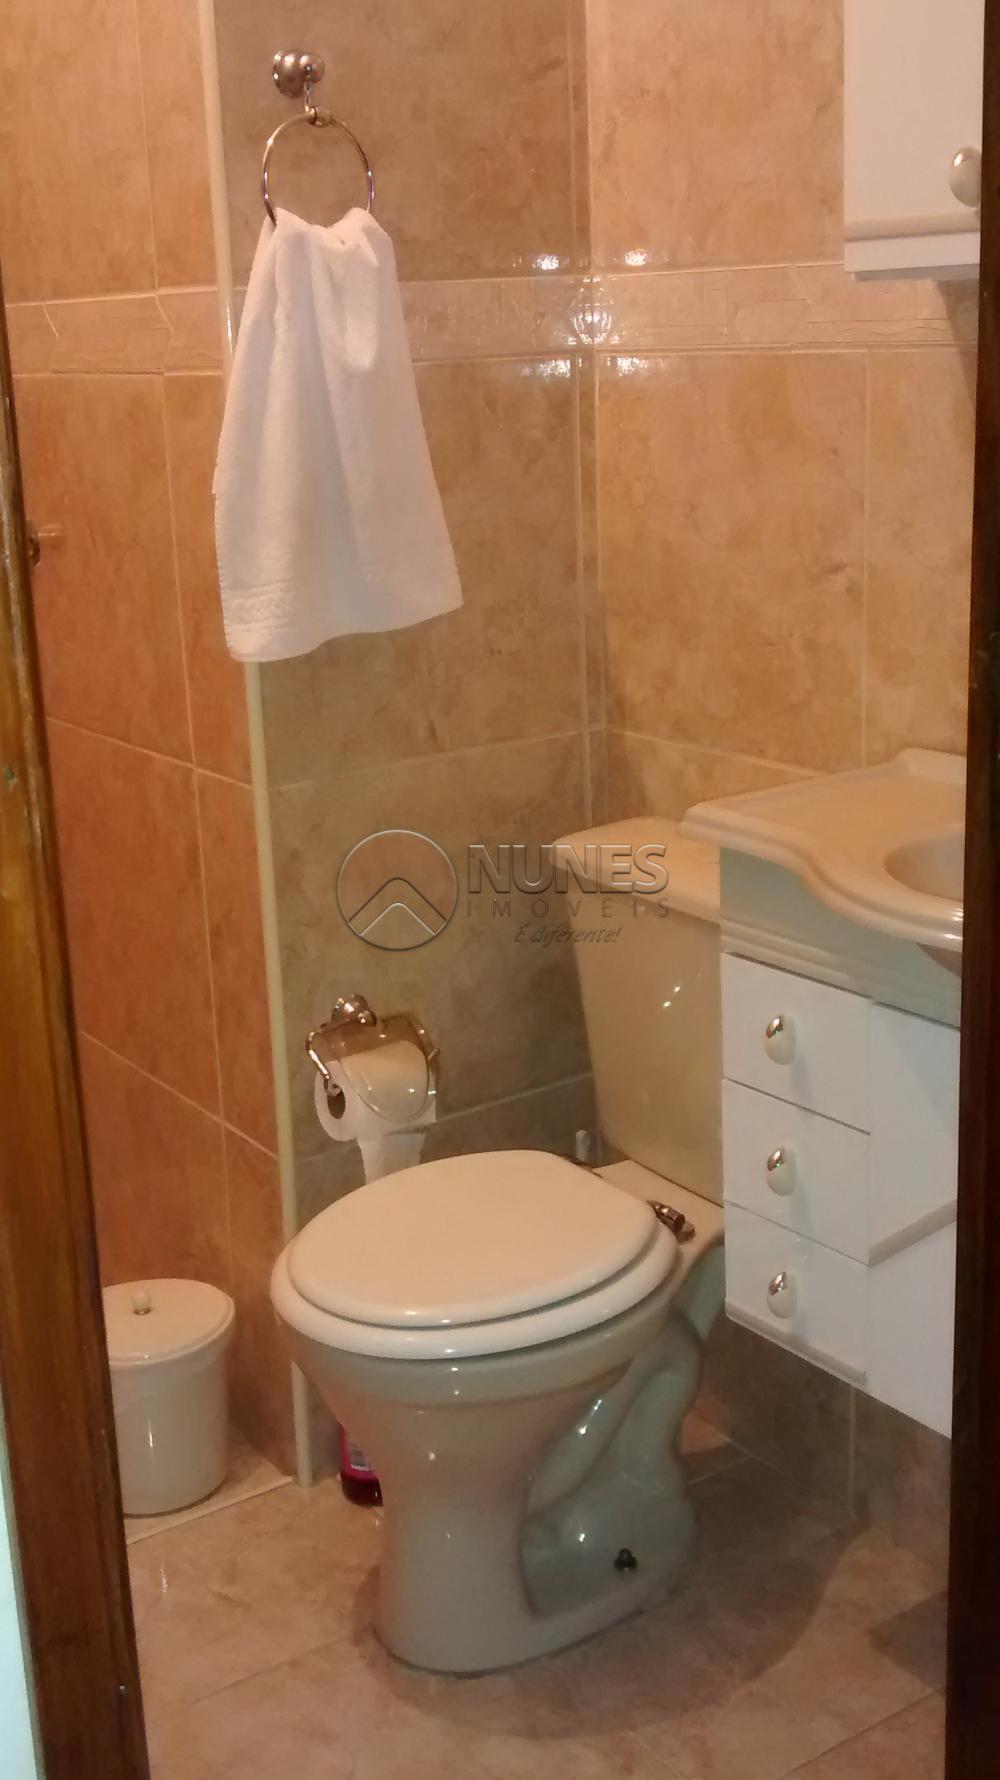 Sobrado de 3 dormitórios à venda em Jaguare, São Paulo - SP